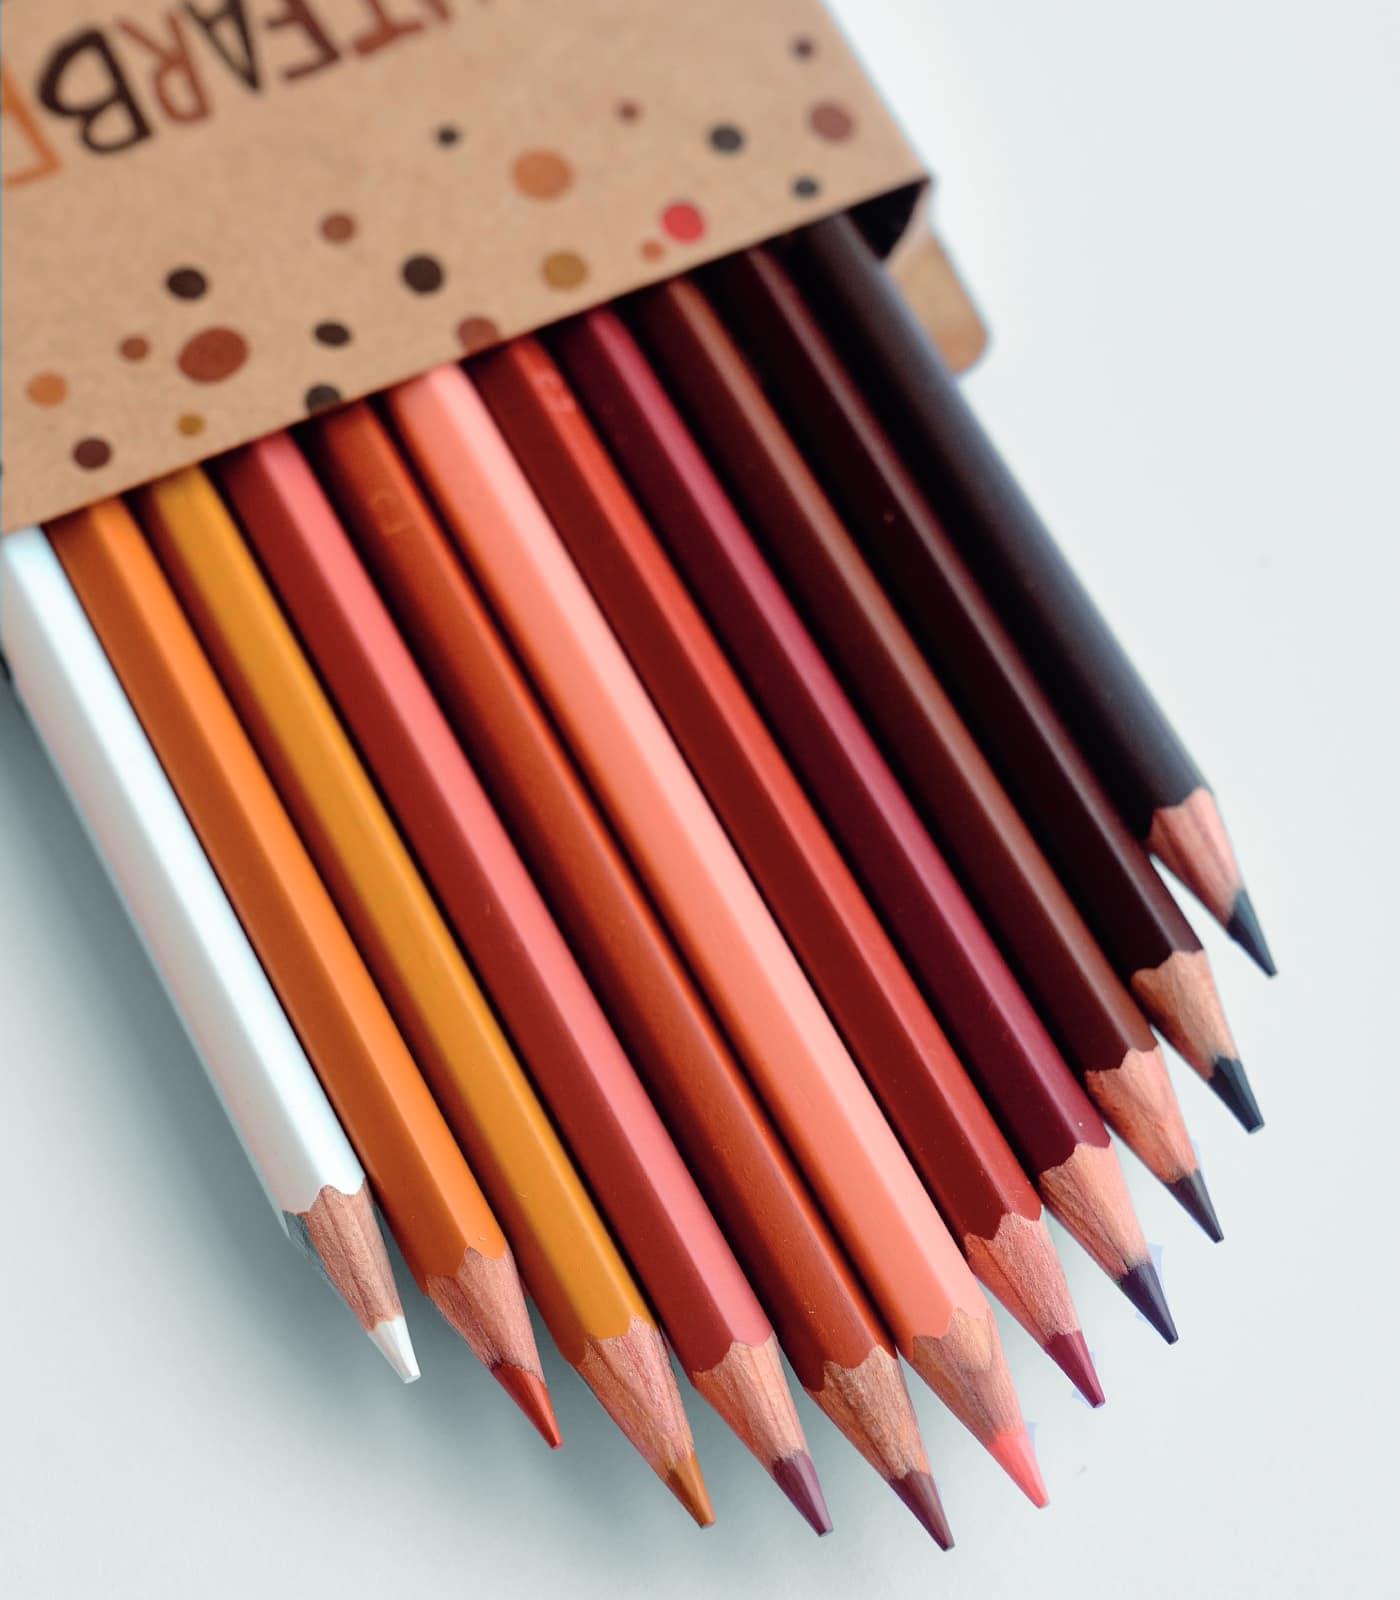 Hautfarbenstifte von GoVolunteer bei tebalou, dem Onlineshop für Diversität im Kinderzimmer // HMBEER